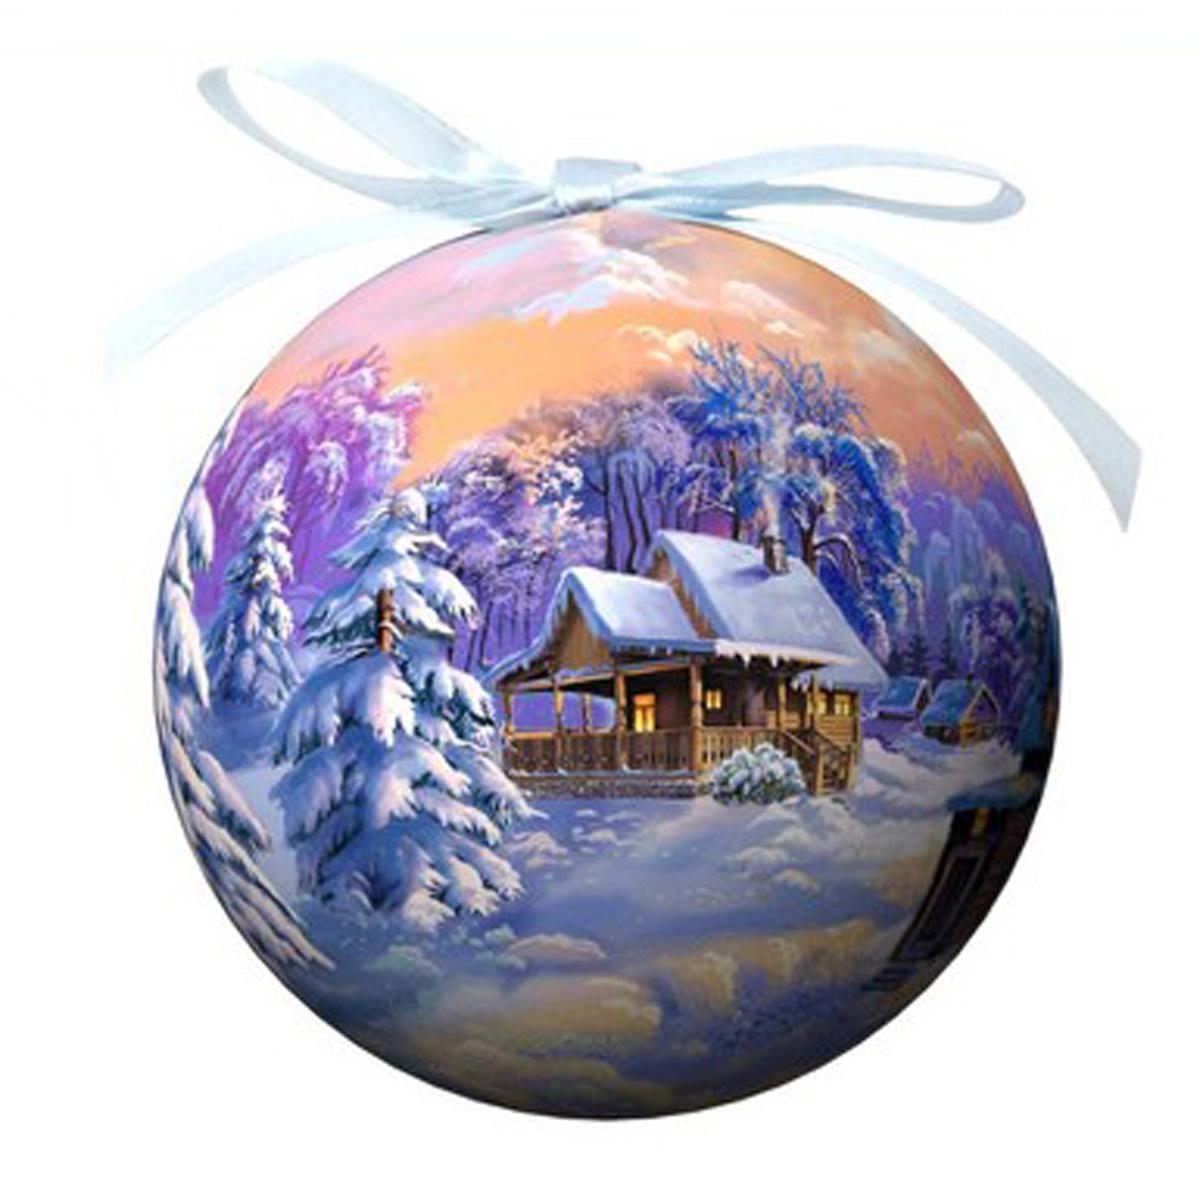 Елочное украшение Шар. Зимний пейзаж, диаметр 10 см. 2031820318Оригинальное подвесное украшение Шар. Зимний пейзаж прекрасно подойдет для праздничного декора дома и новогодней ели. Шар, выполненный из пластмассы, оформлен красочным изображением зимней природы. Благодаря плотному корпусу изделие никогда не разобьется, поэтому вы можете быть уверены, что оно прослужит вам долгие годы. С помощью атласной ленточки фиолетового цвета украшение можно повесить на новогоднюю елку. Елочная игрушка - символ Нового года. Она несет в себе волшебство и красоту праздника. Создайте в своем доме атмосферу веселья и радости, украшая новогоднюю елку нарядными игрушками, которые будут из года в год накапливать теплоту воспоминаний.